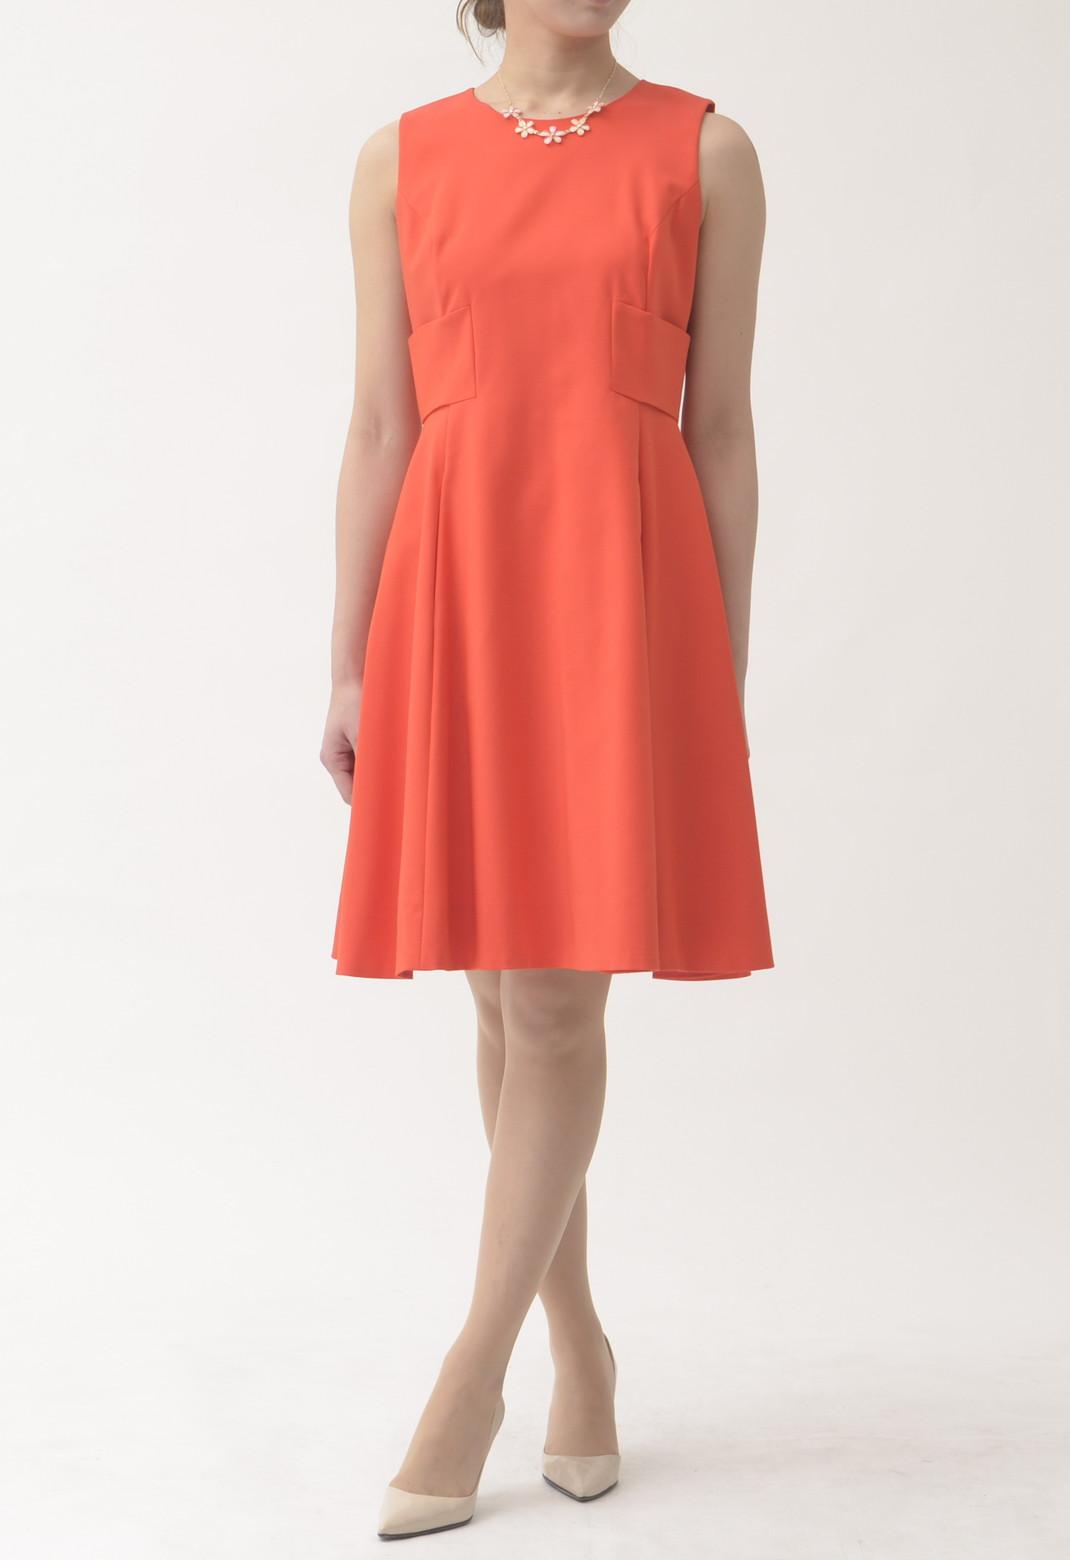 ケイトスペード バックリボン飾り ノースリーブ ドレス オレンジ